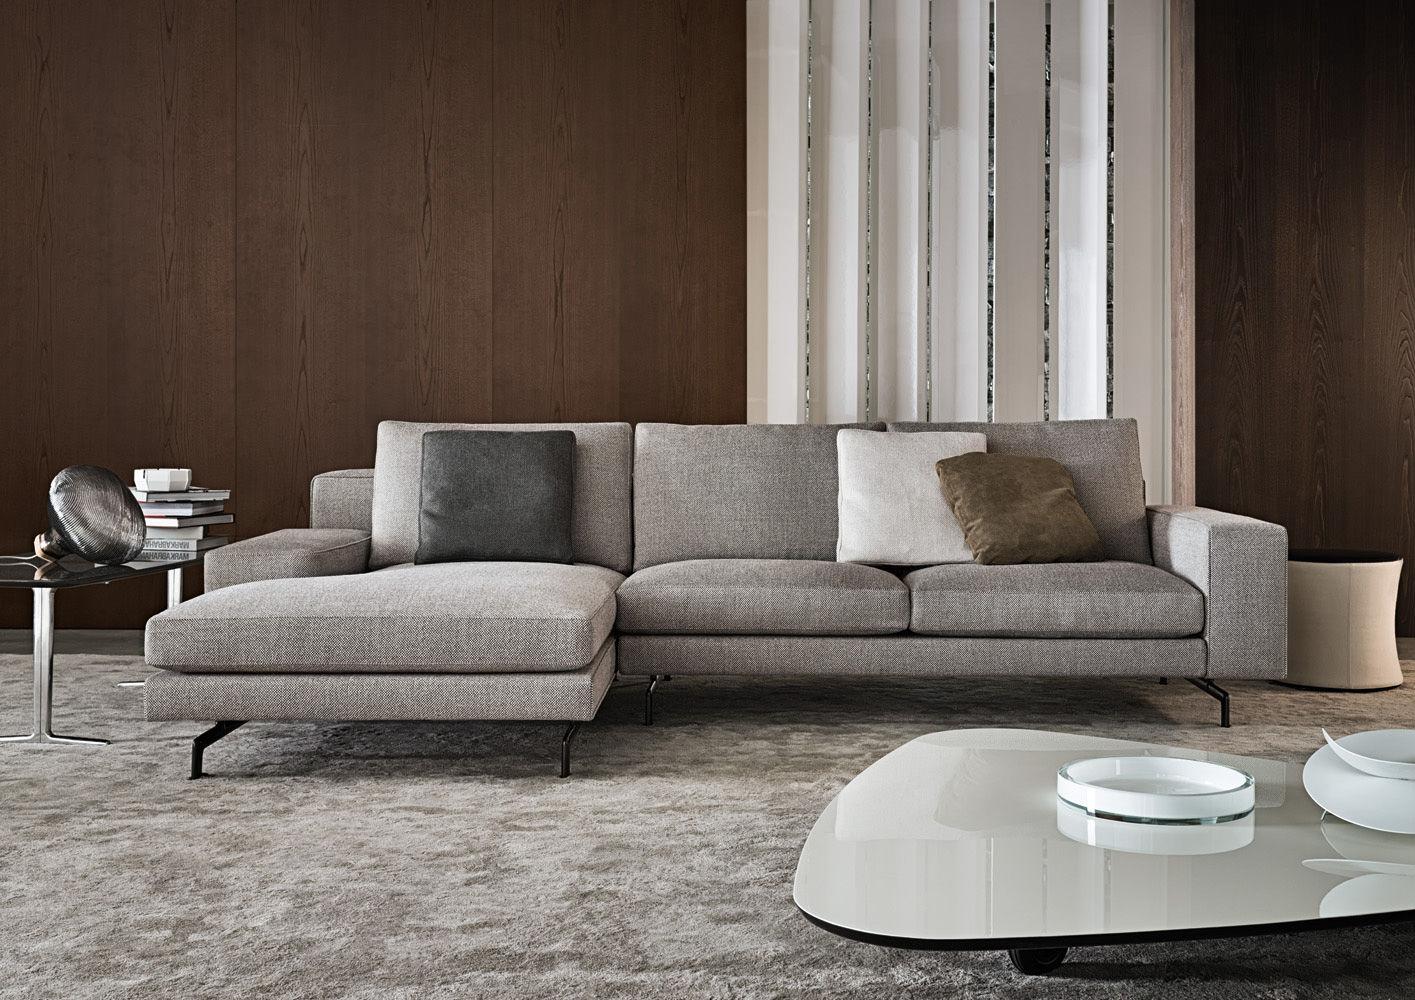 sofas en sherman. Black Bedroom Furniture Sets. Home Design Ideas